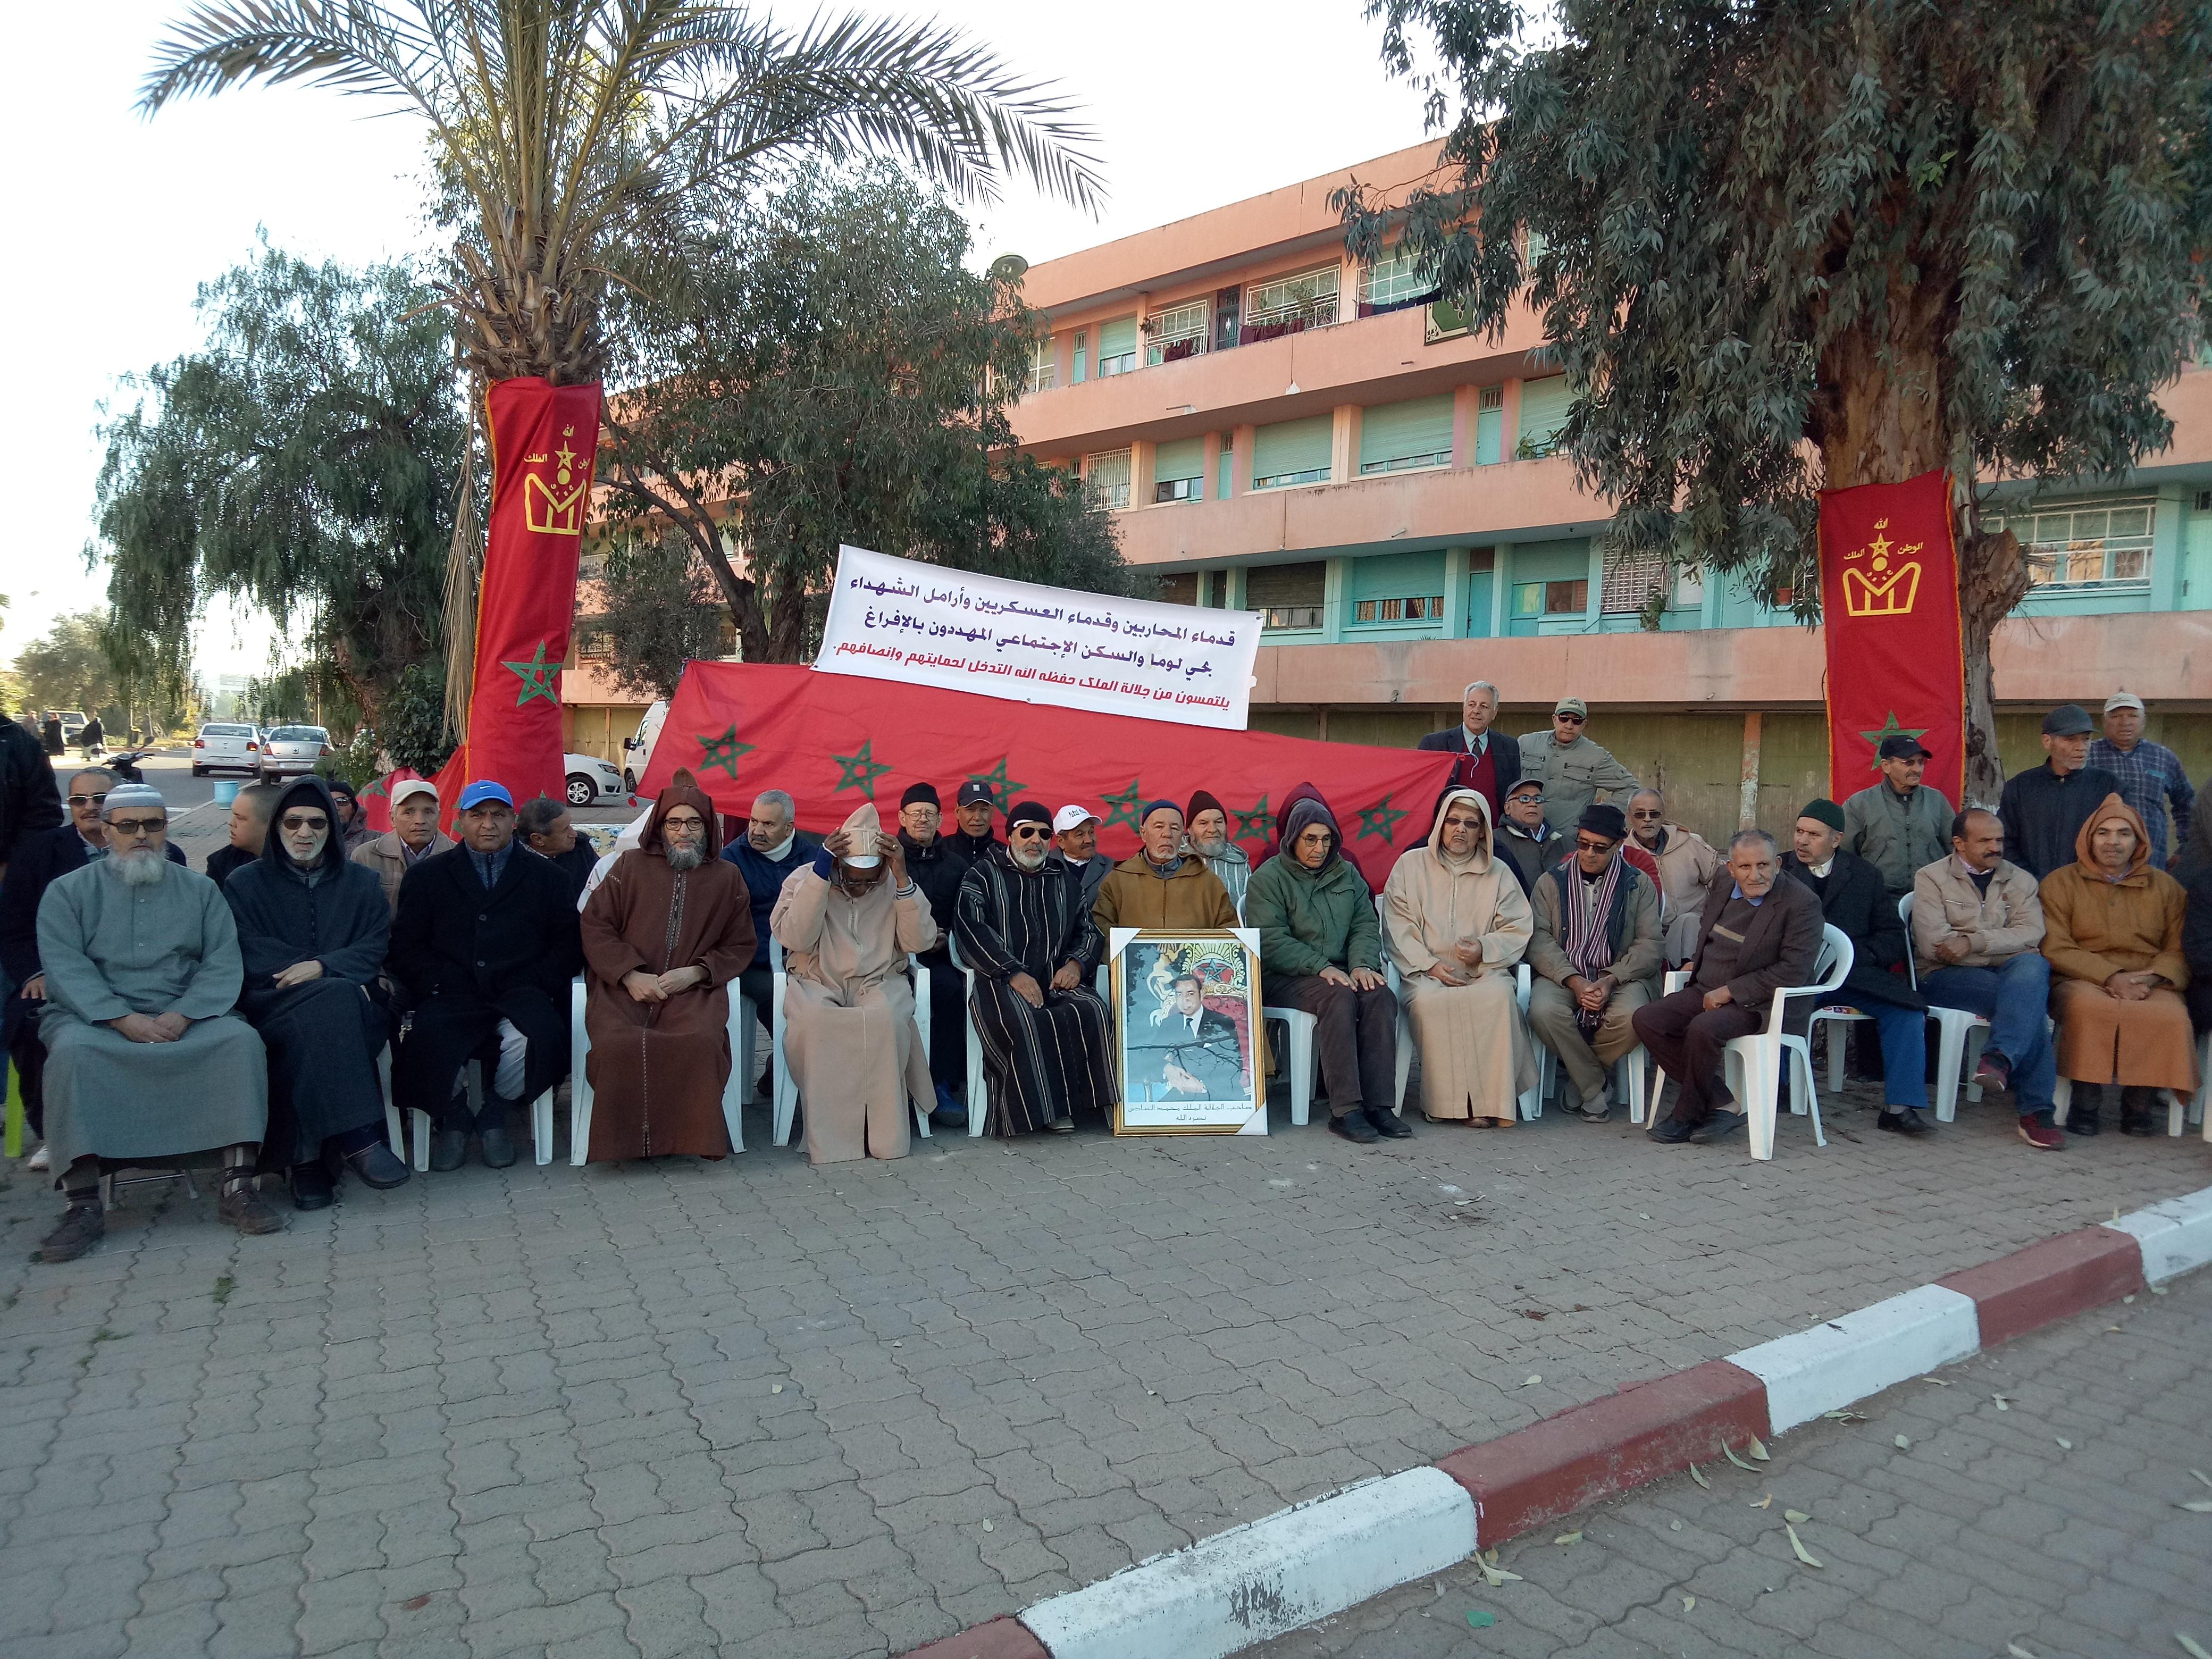 عائلات متقاعدي الجيش تحتج على قرار إفراغهم من مساكنهم بمراكش و يطالبون بحمايتهم من التشرد !